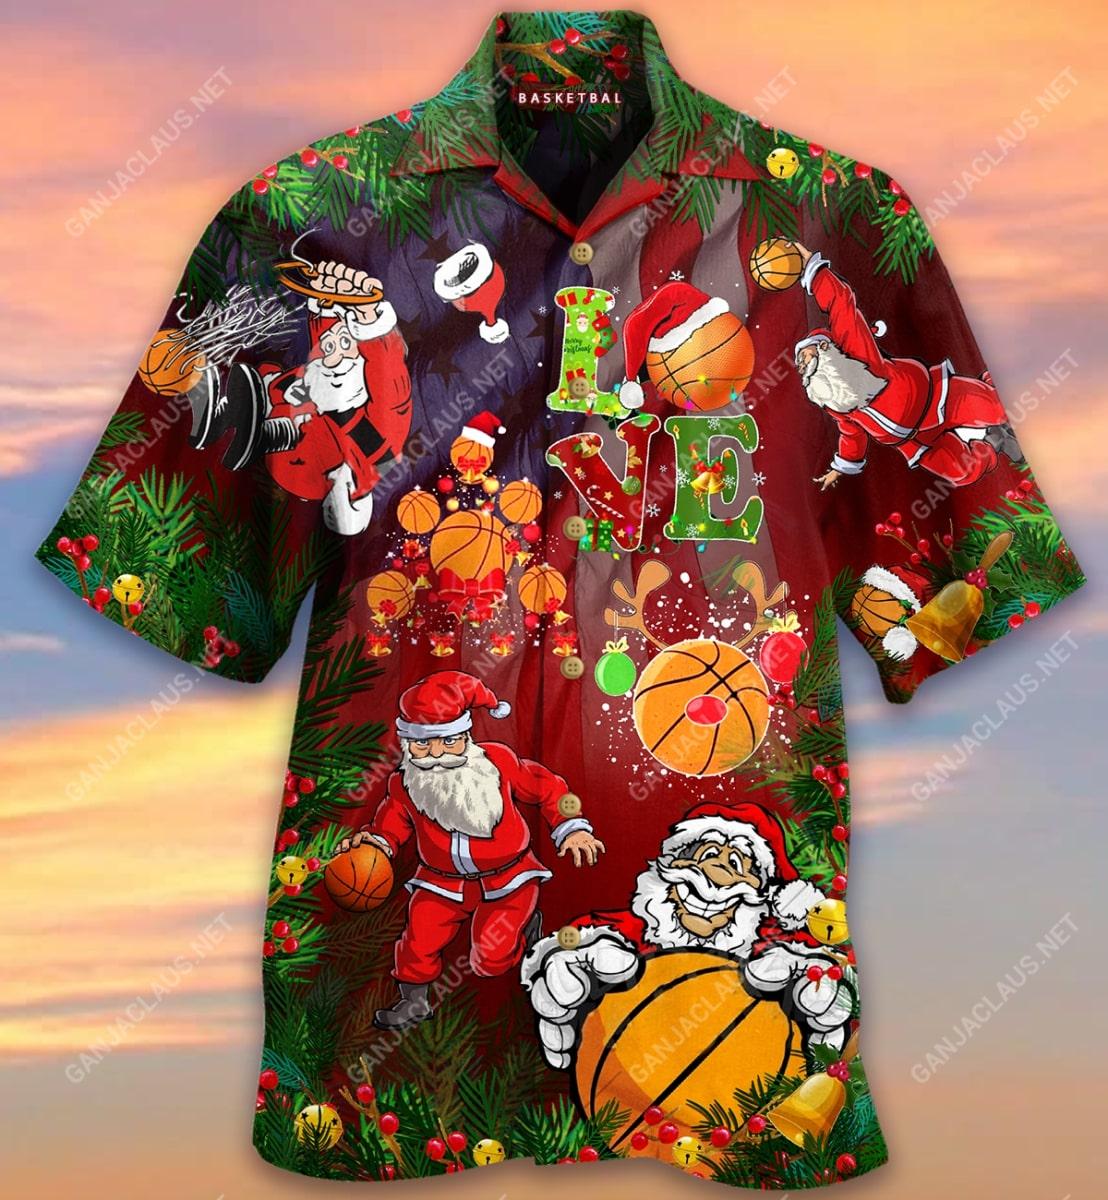 christmas santa claus play basketball full printing hawaiian shirt 4